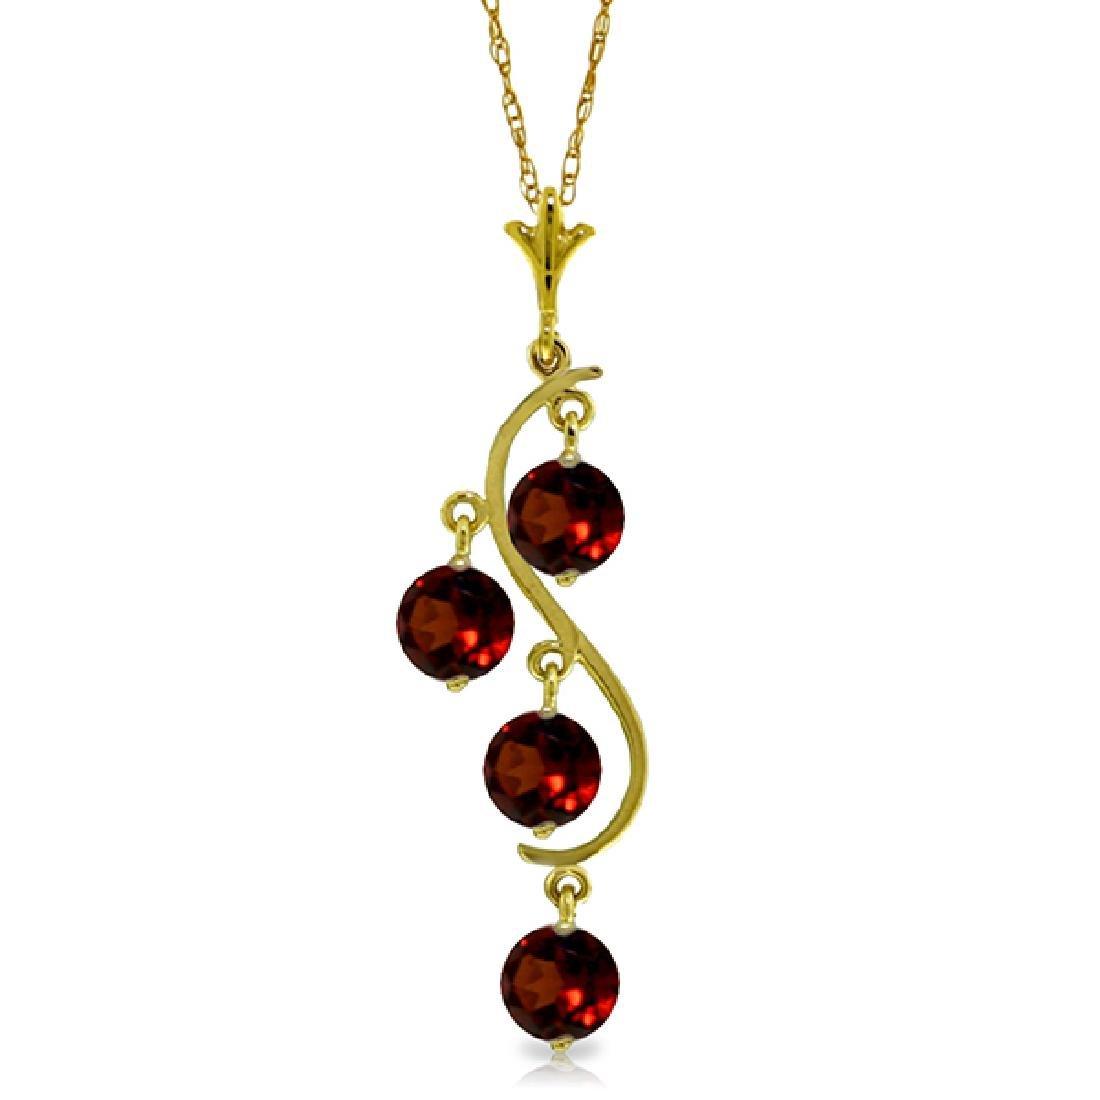 Genuine 2.25 ctw Garnet Necklace Jewelry 14KT Yellow